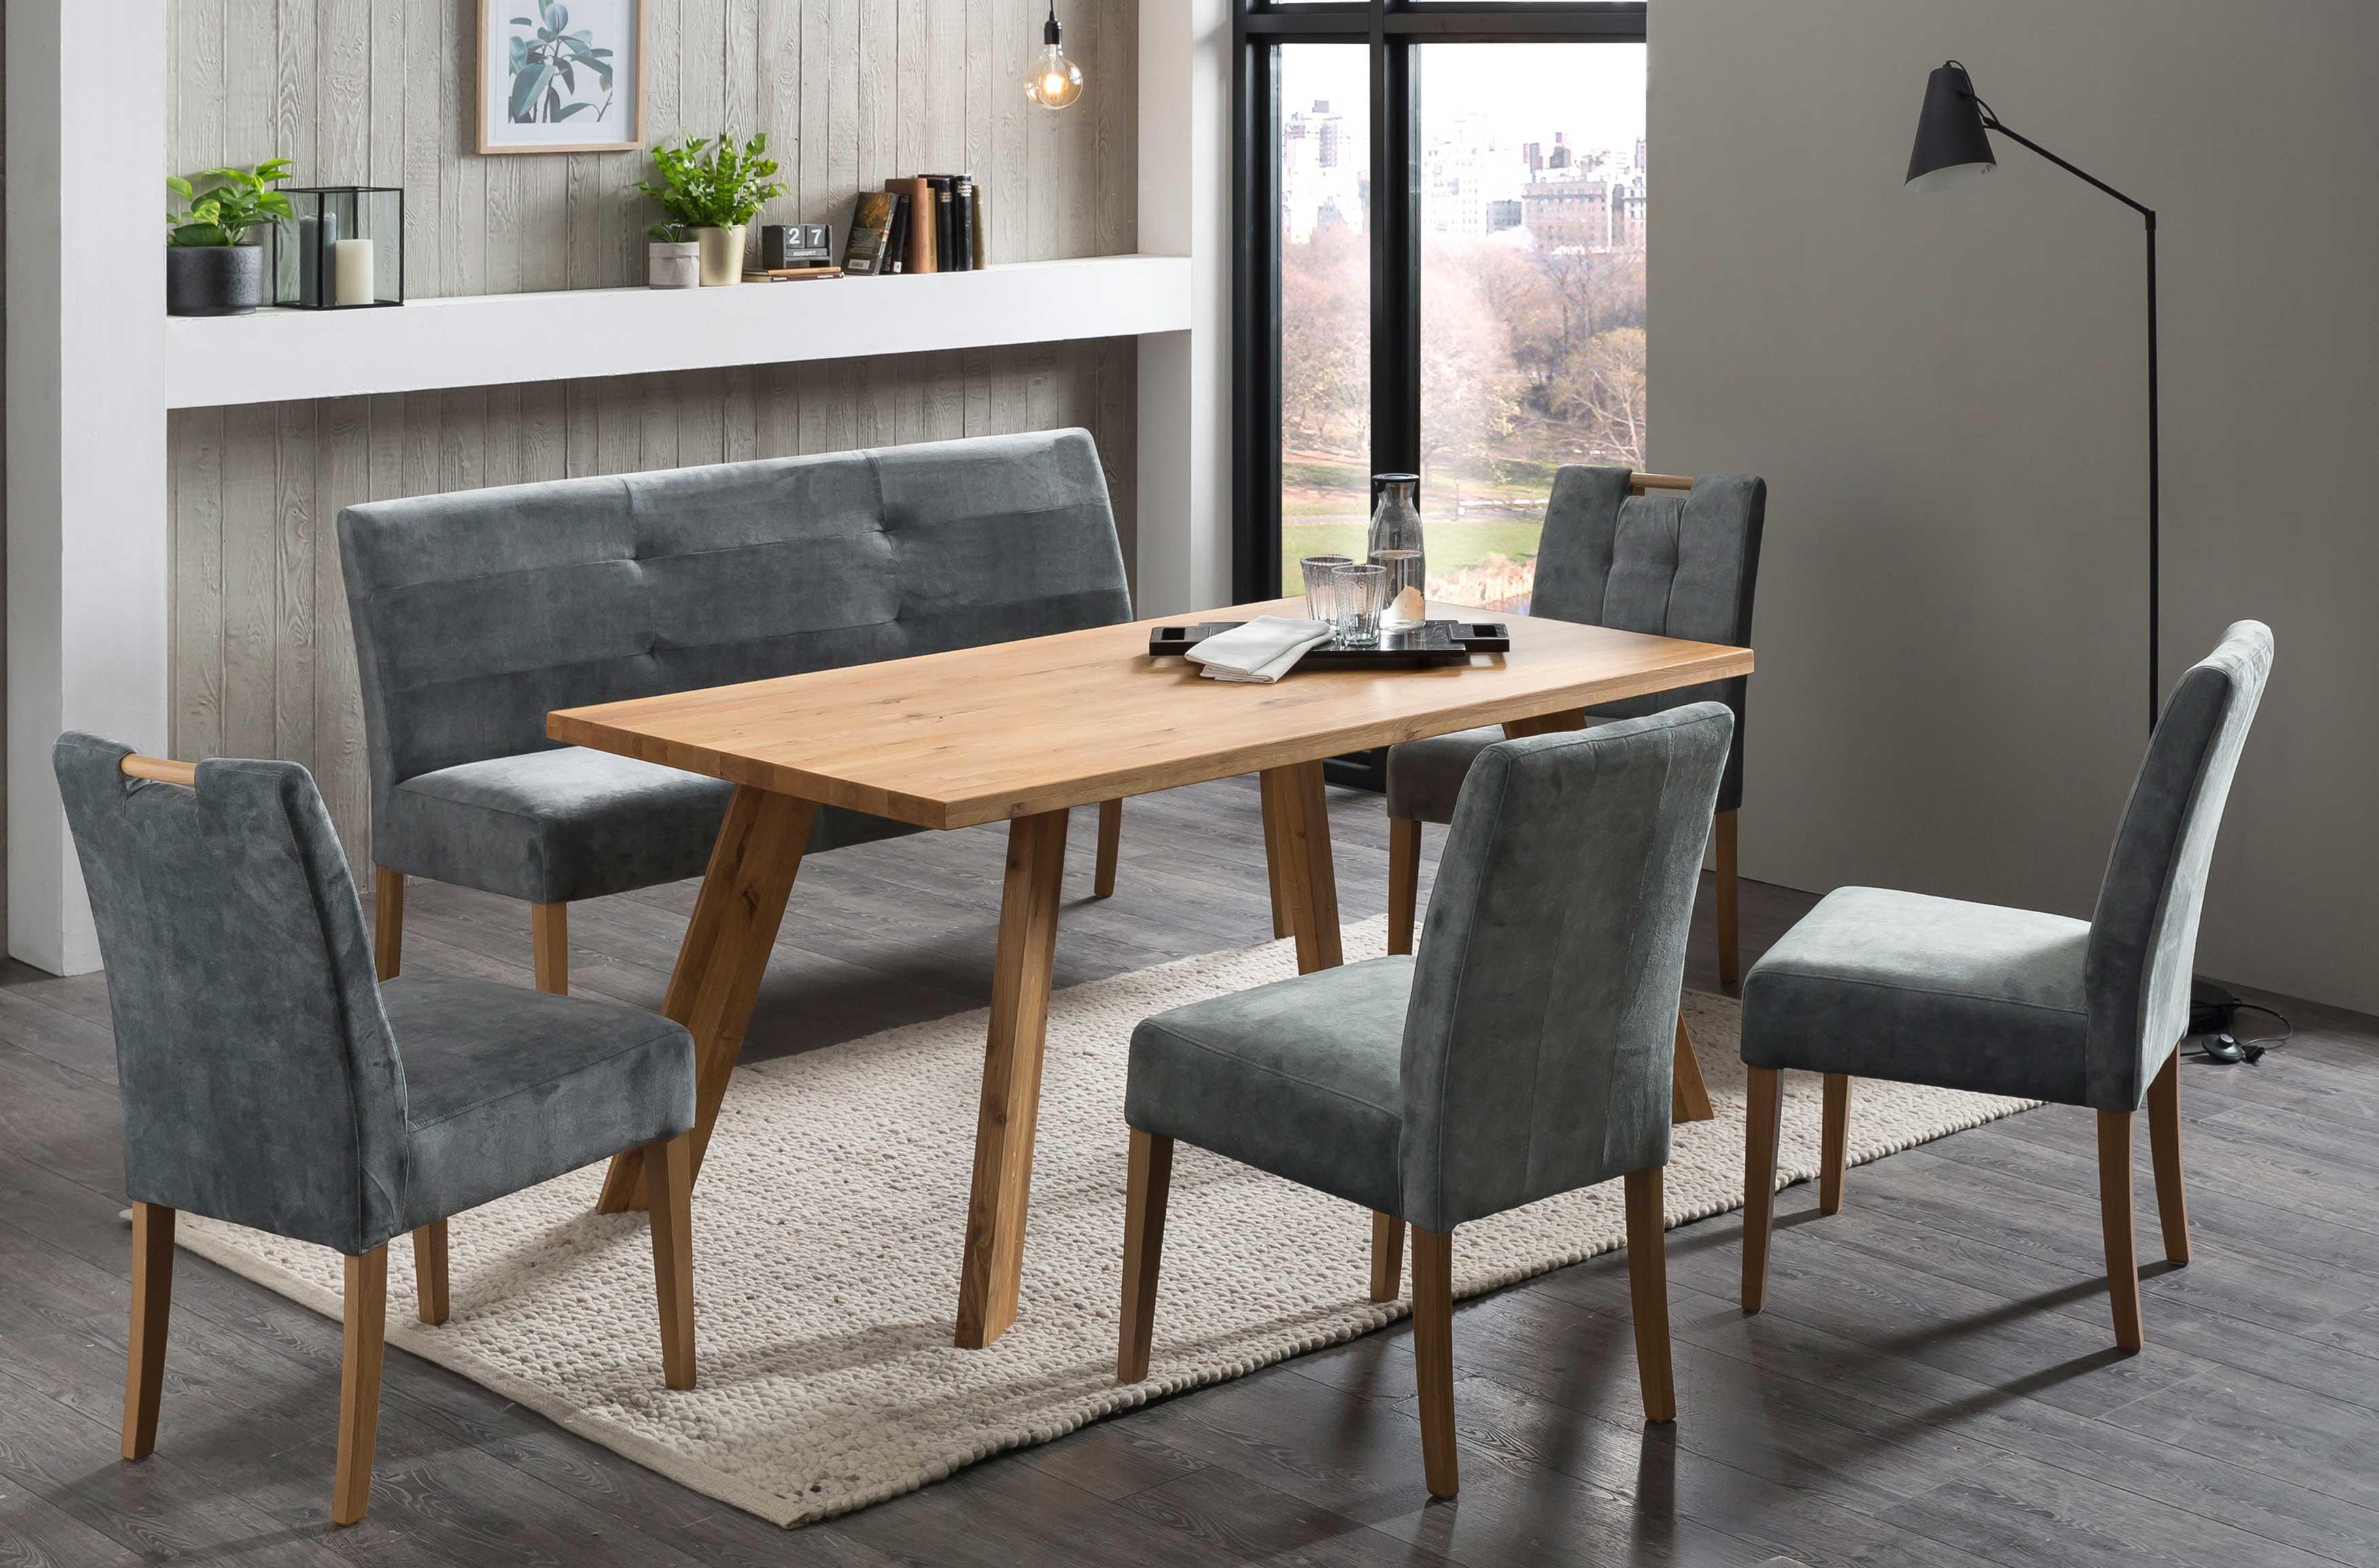 Standard Furniture Tischgruppe mit Arles Massivholztisch eiche rustikal